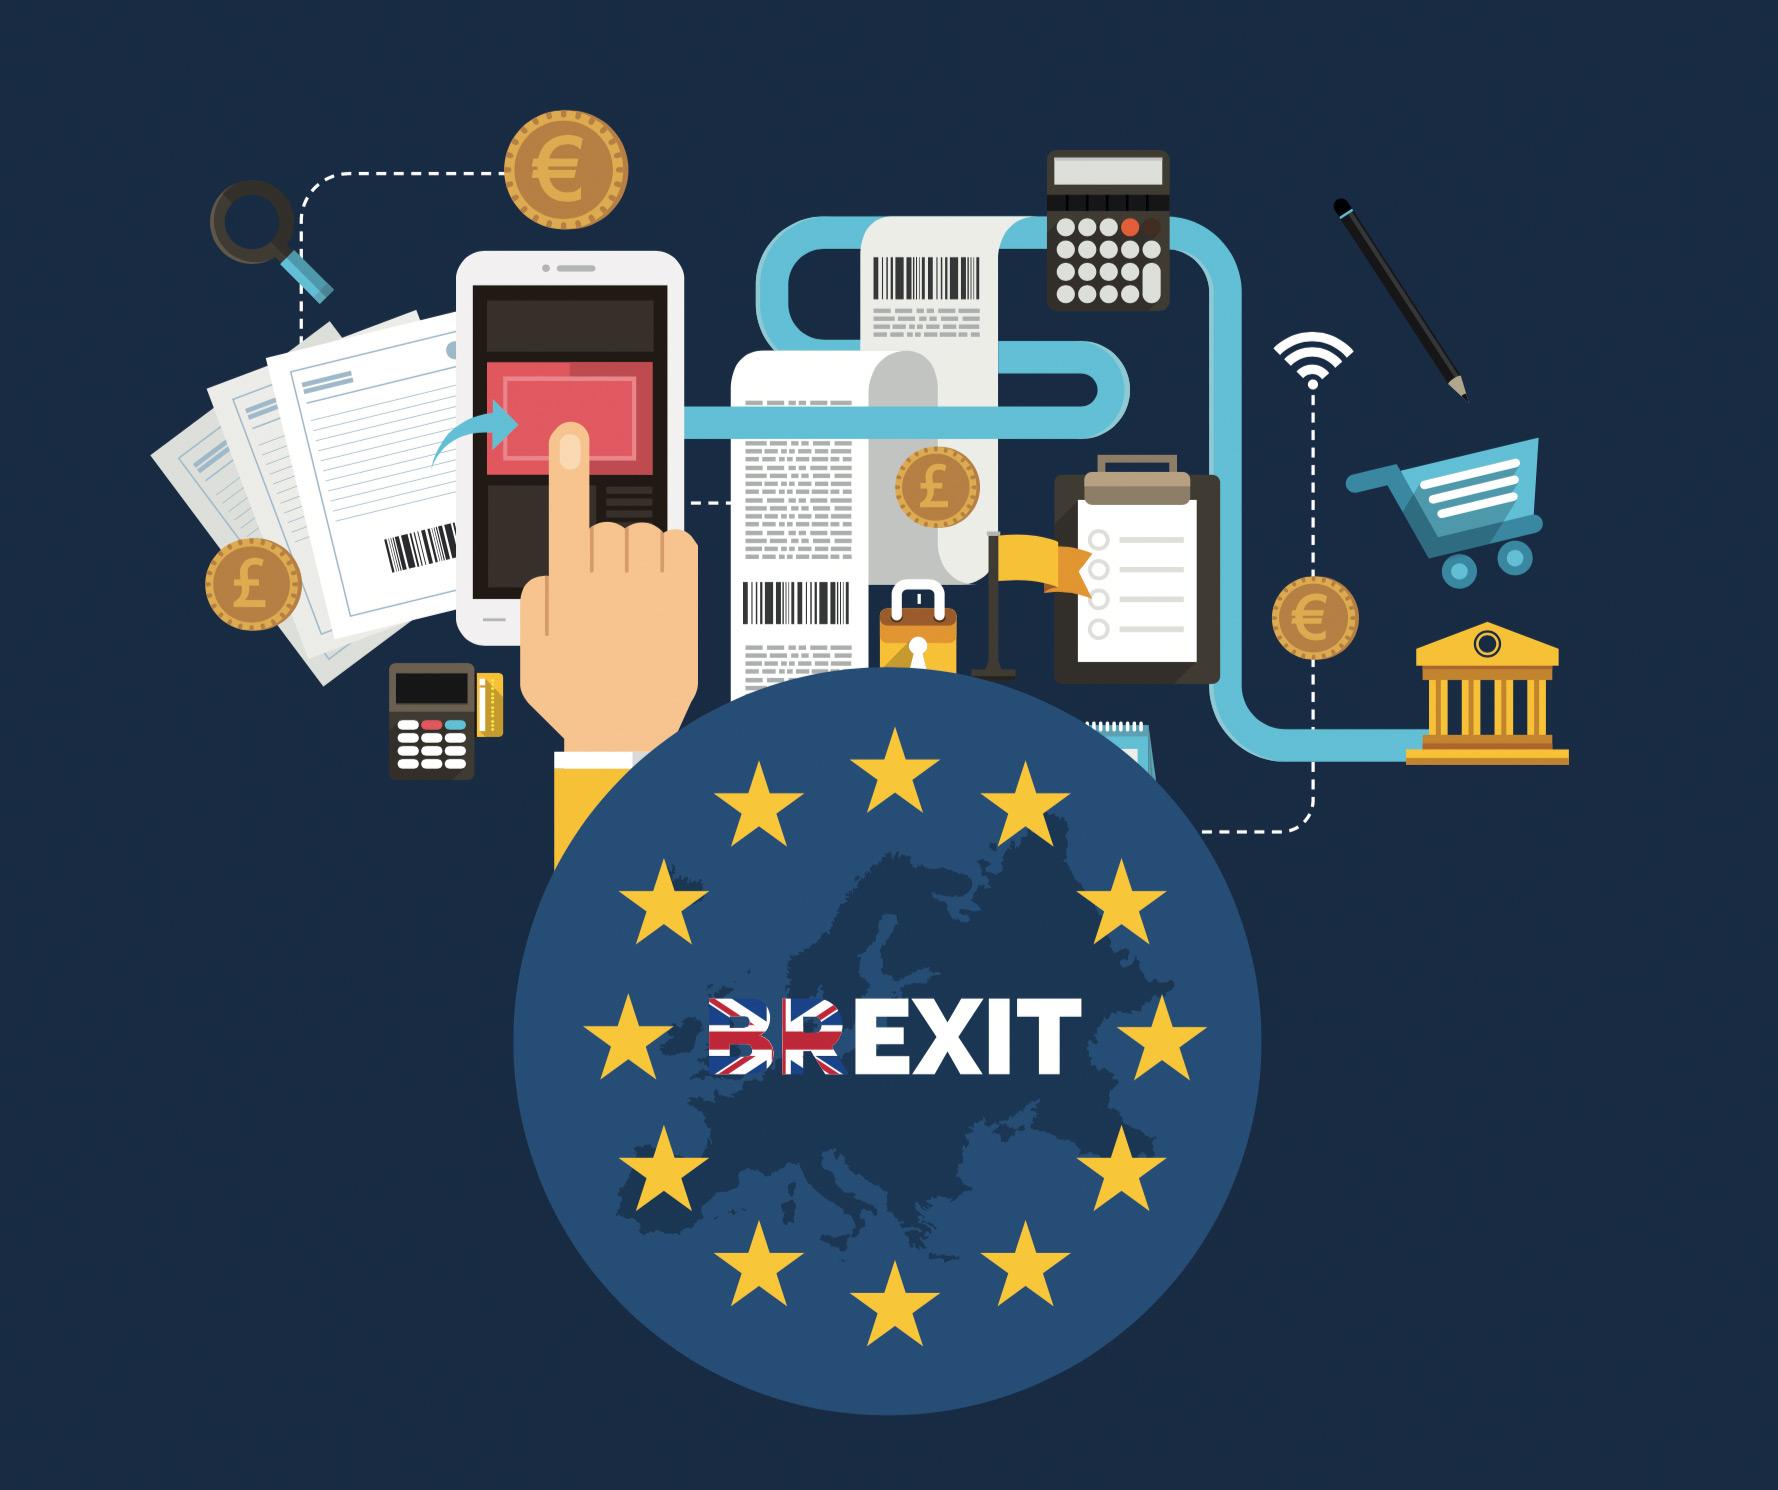 Guida ABI On-line Alla Brexit: Prepararsi Al Recesso Dal Regno Unito Dall'Unione Europea